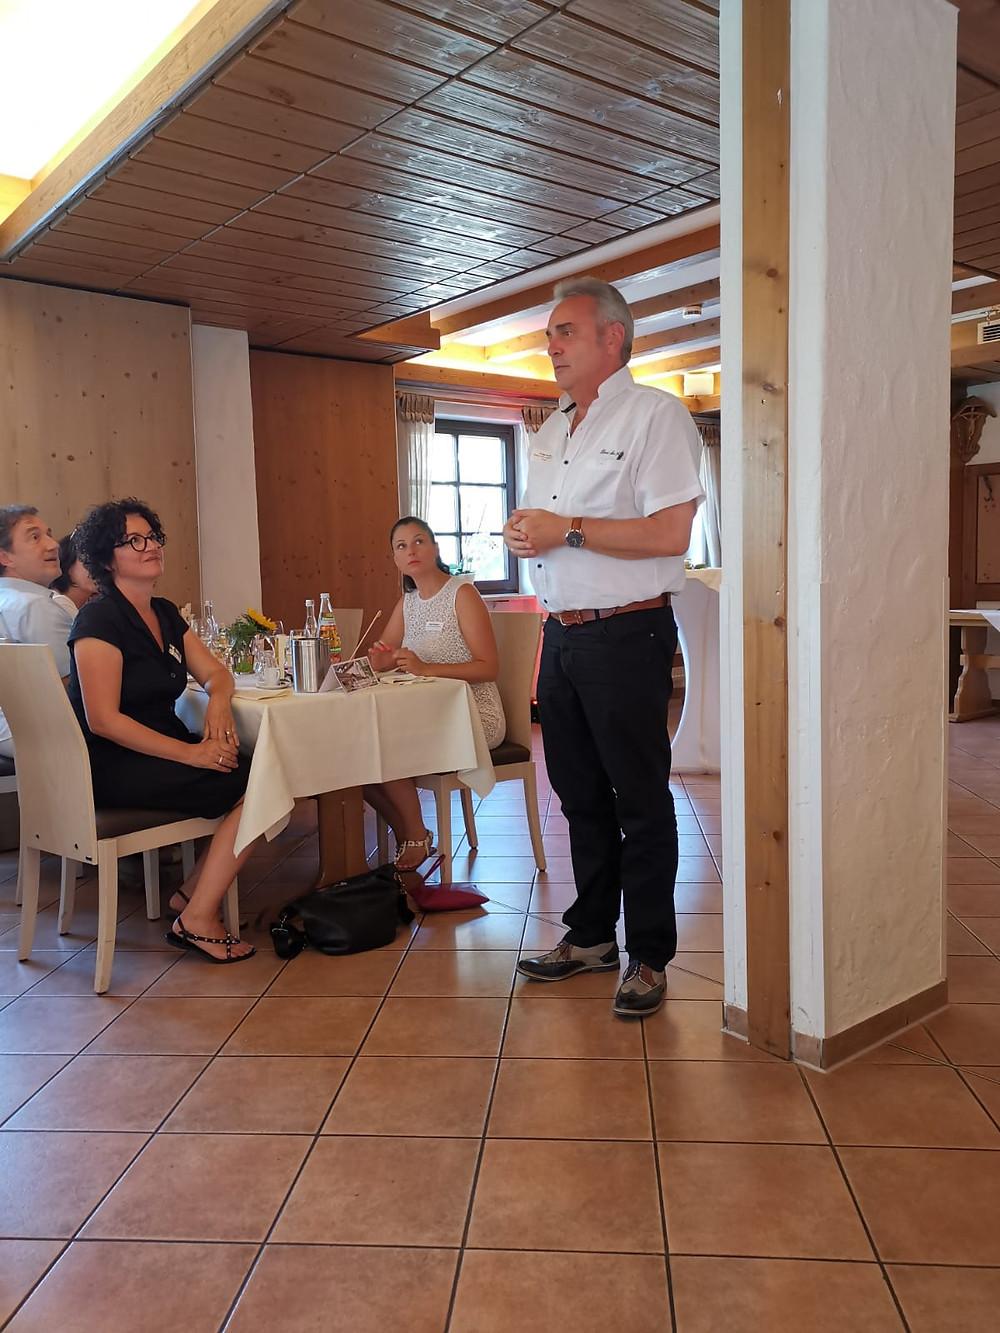 Herr Kohler vom Restaurant Engel bei der Begrüßungsrunde